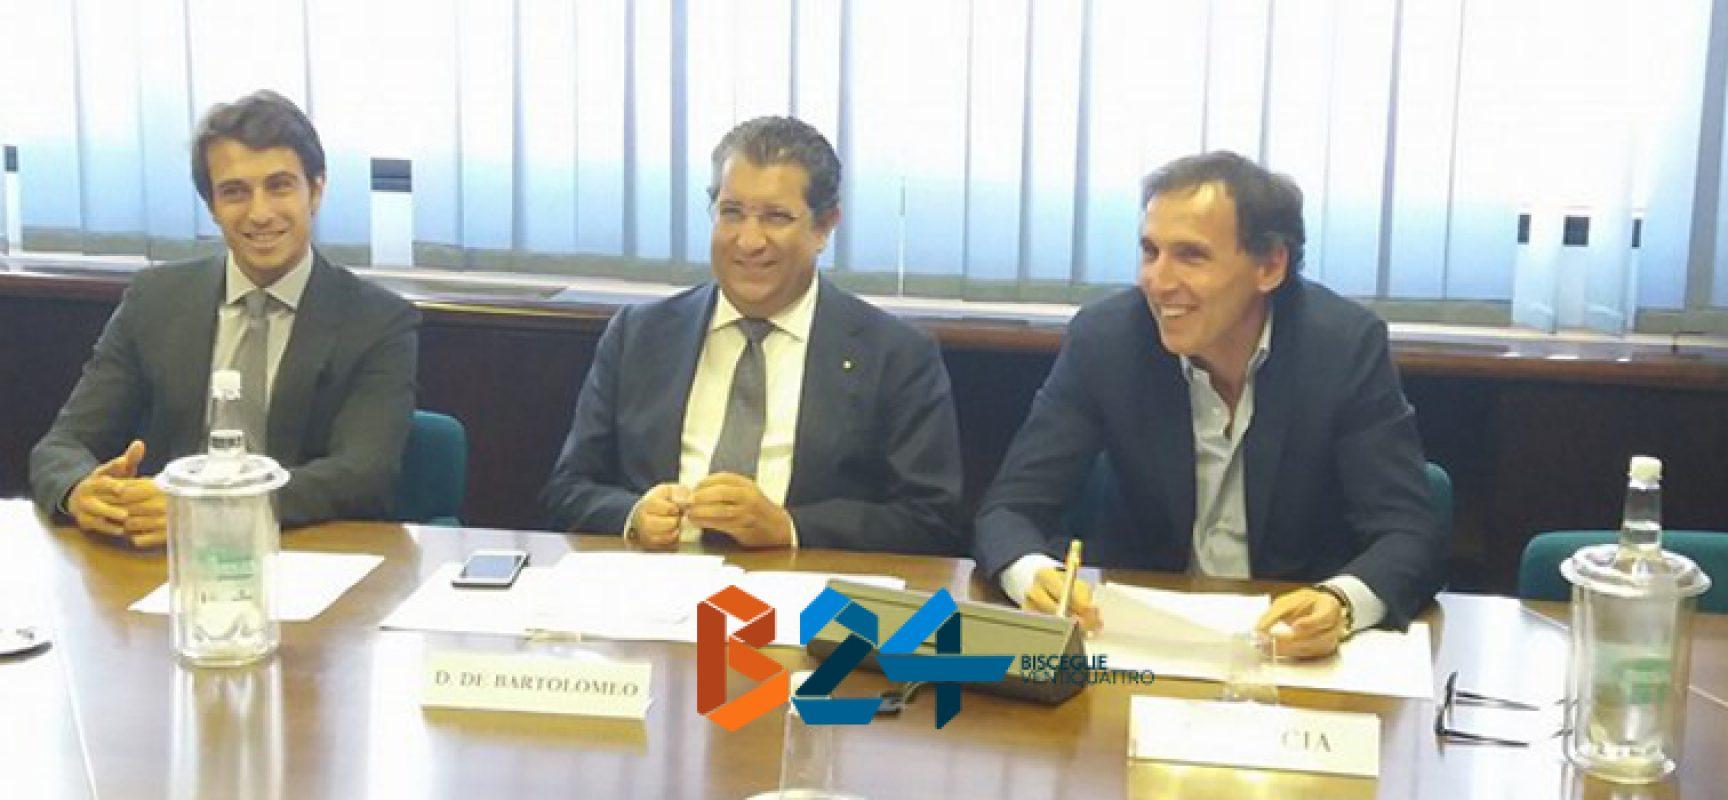 Il Volo, Franceschini, Lorenzin, Confalonieri, Marotta tra gli ospiti di Digithon 2017 / PROGRAMMA